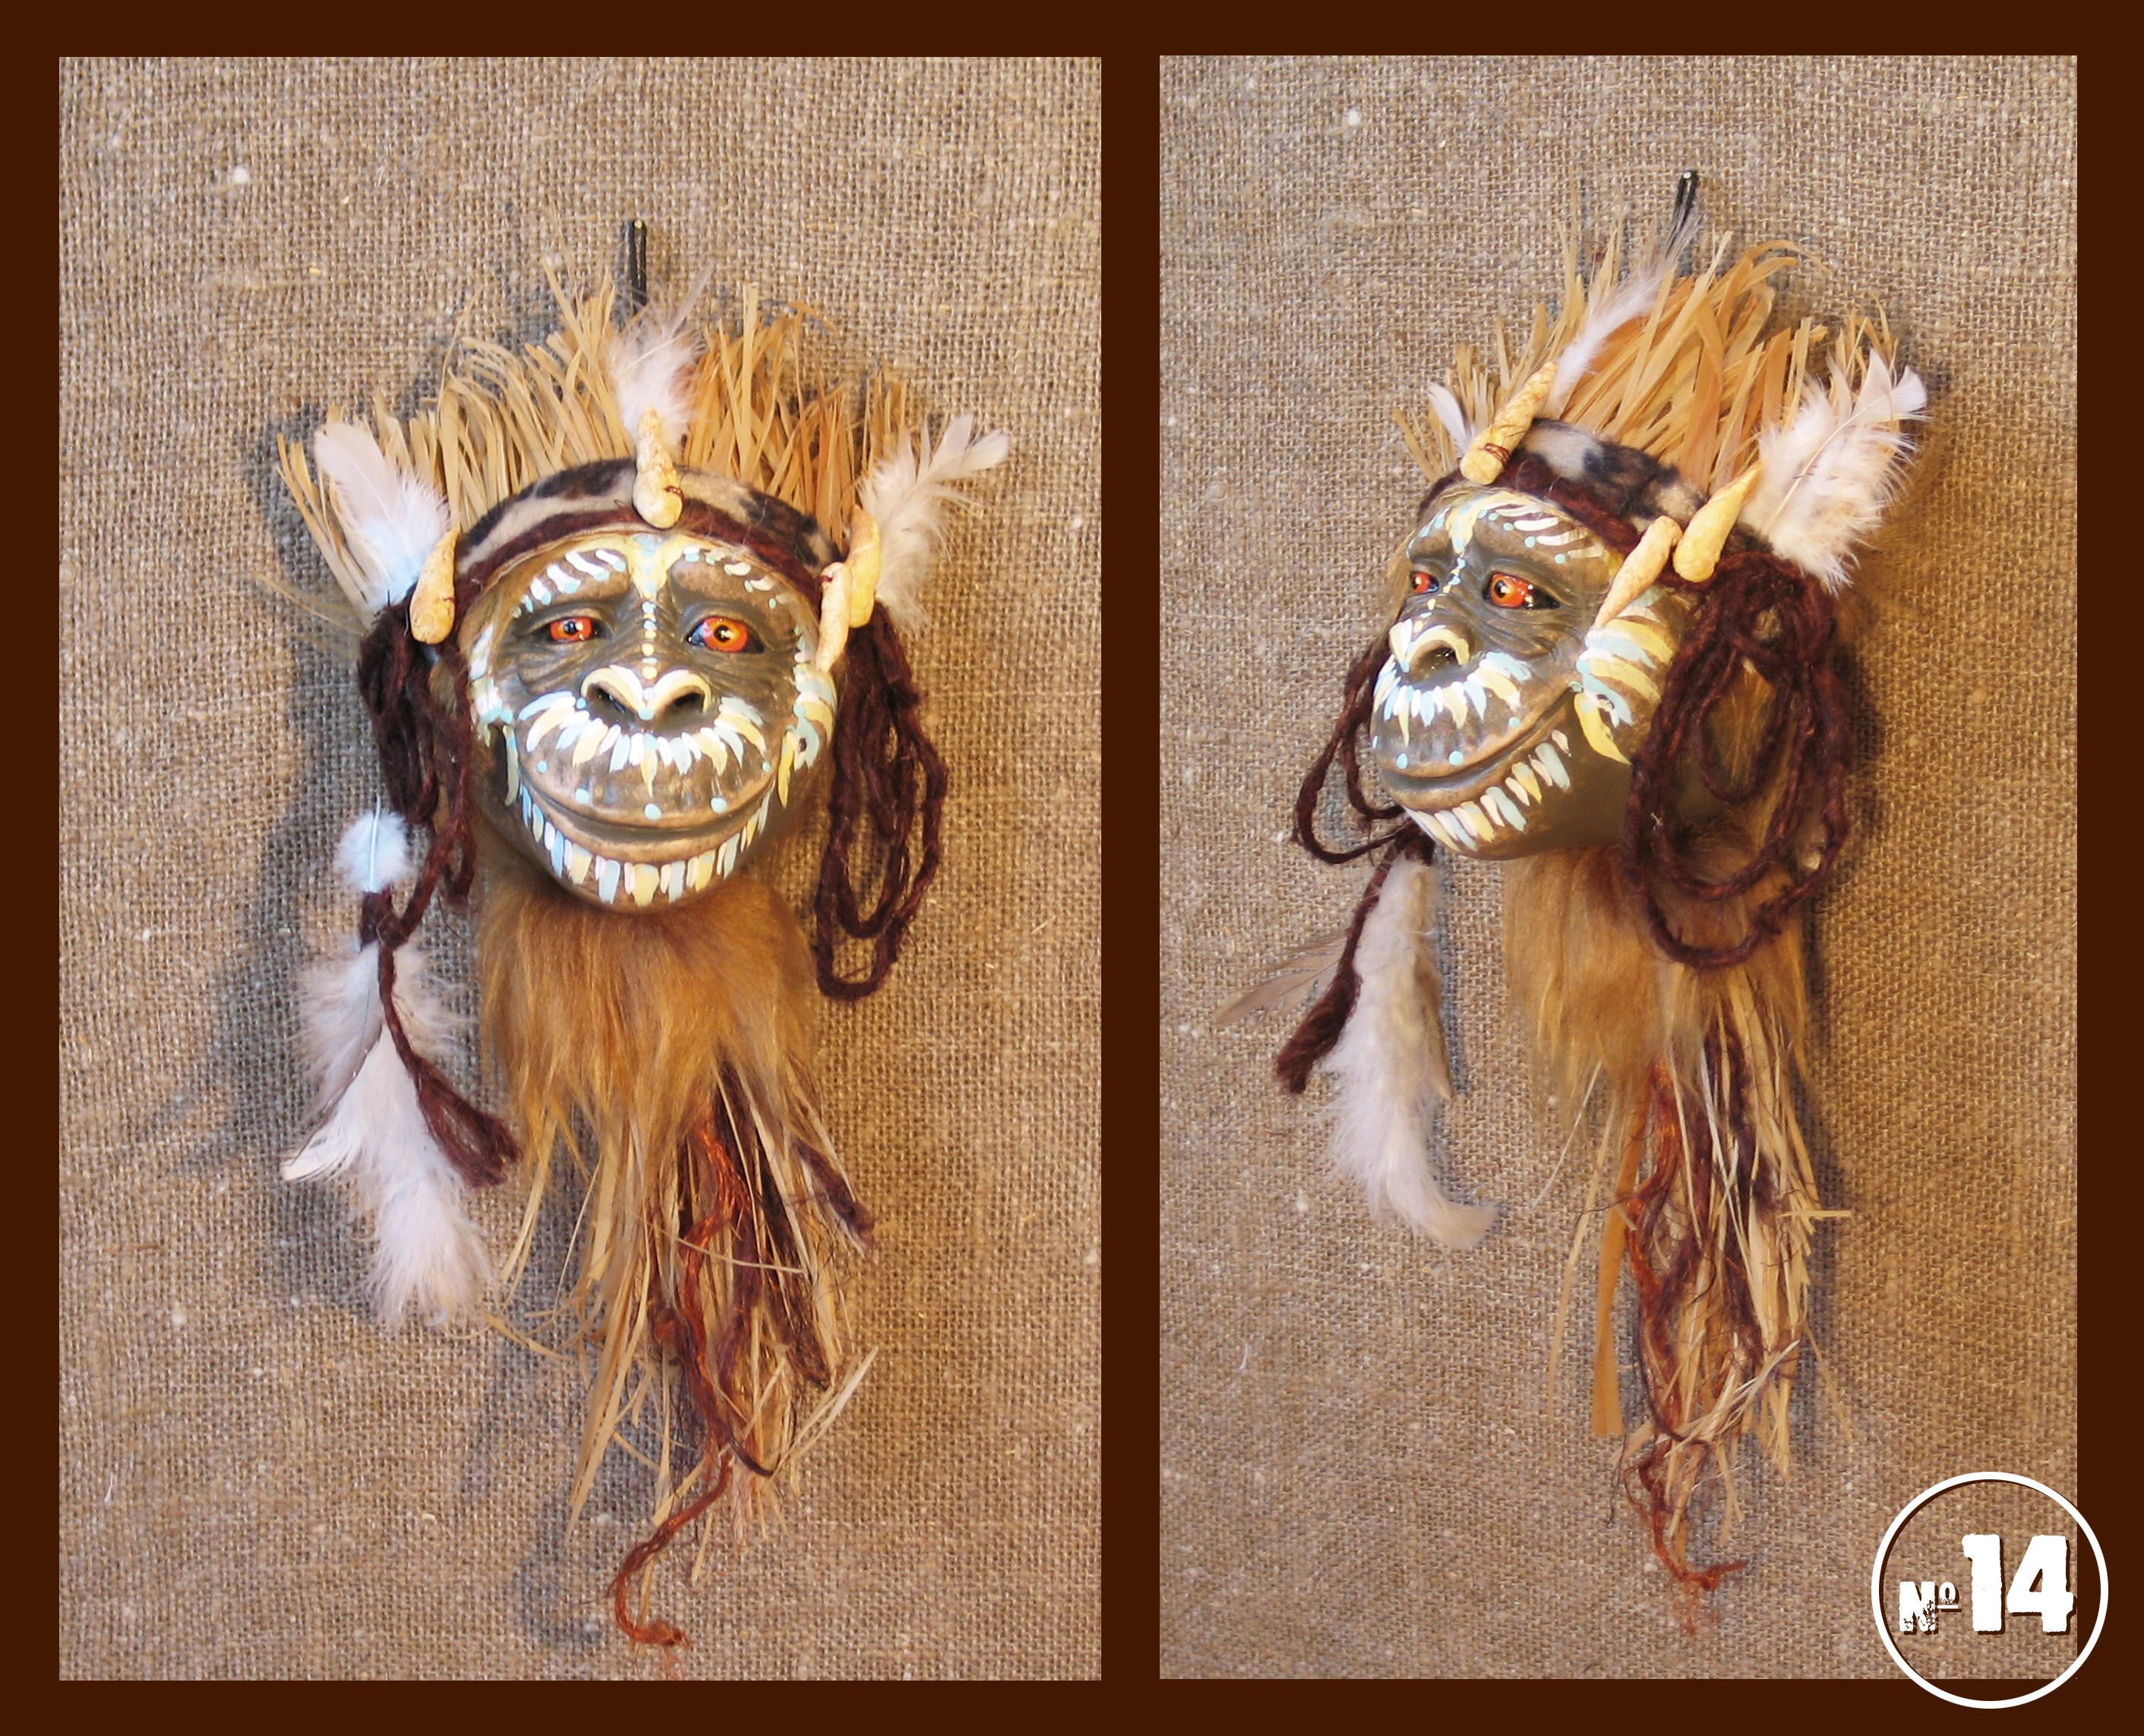 мистический образ шаман тотем новогодний оберег маска обезьяна сувенир подарок